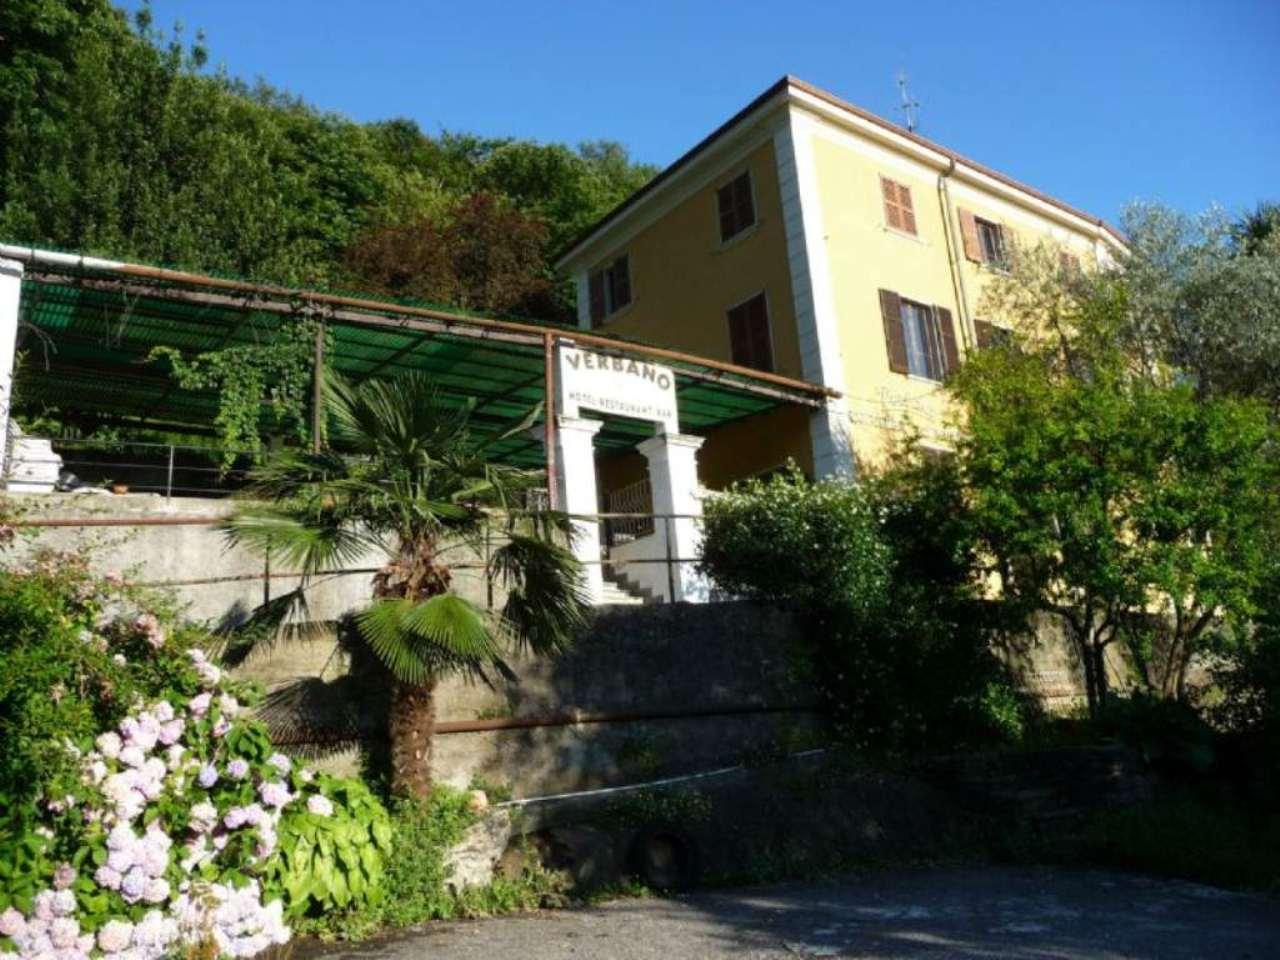 Immobile Commerciale in vendita a Tronzano Lago Maggiore, 9999 locali, prezzo € 600.000 | Cambio Casa.it